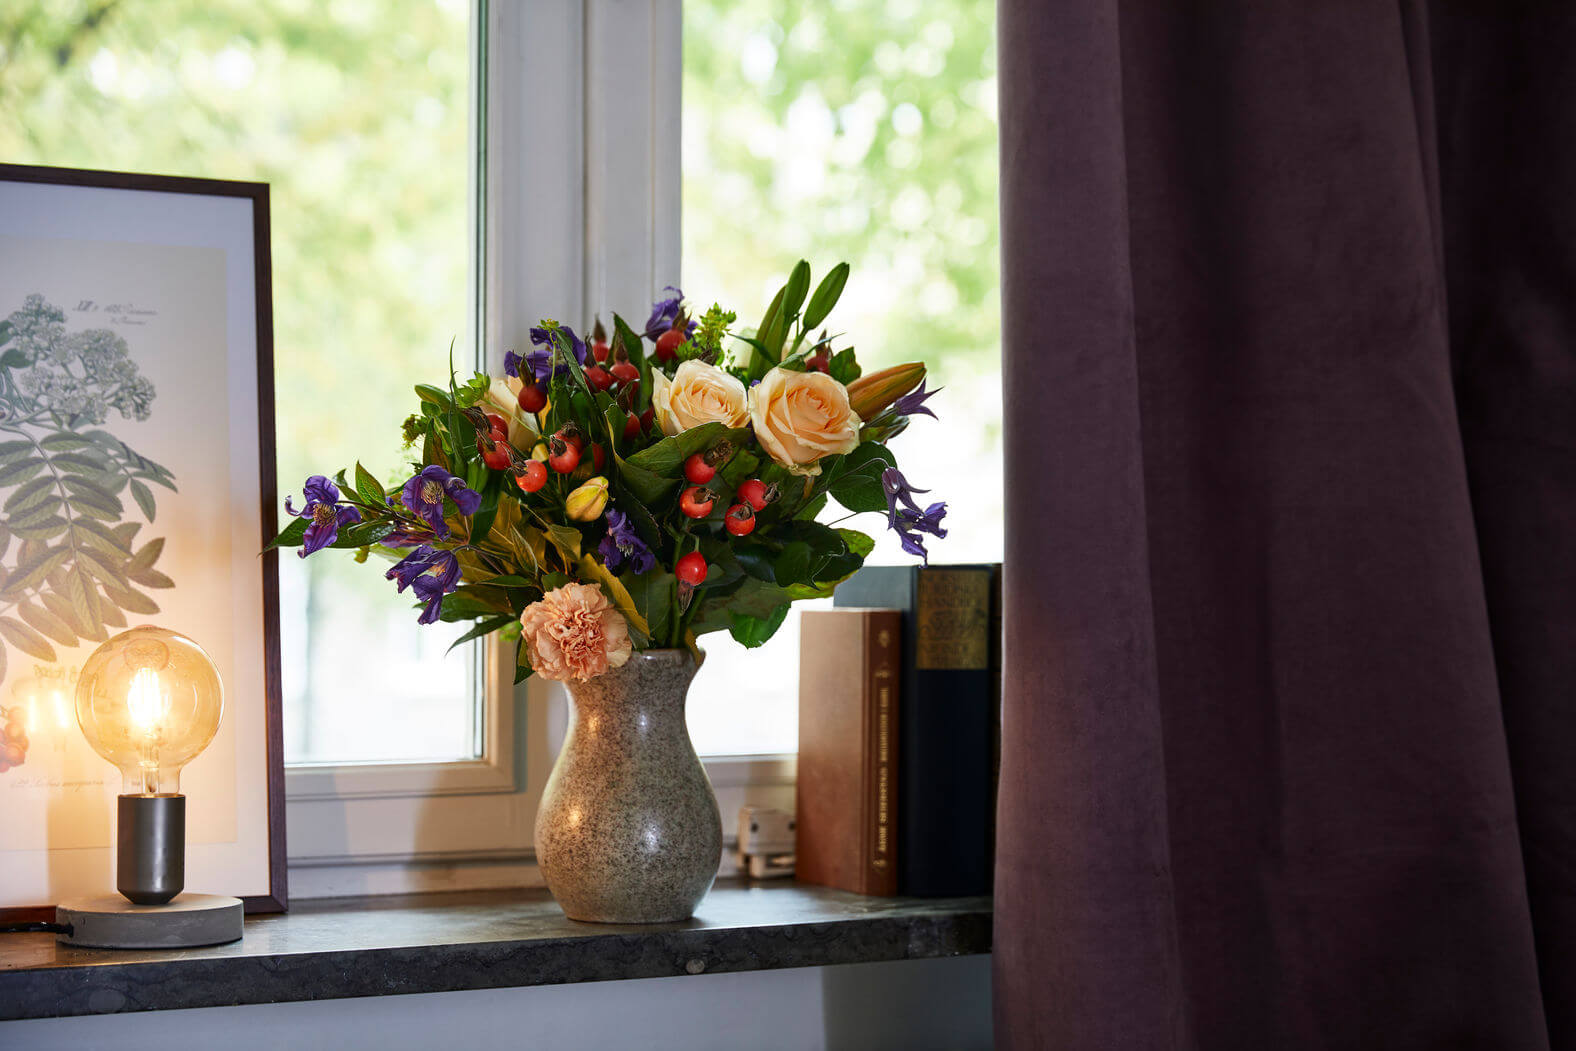 Zet het boeket rozen niet vol in de zon